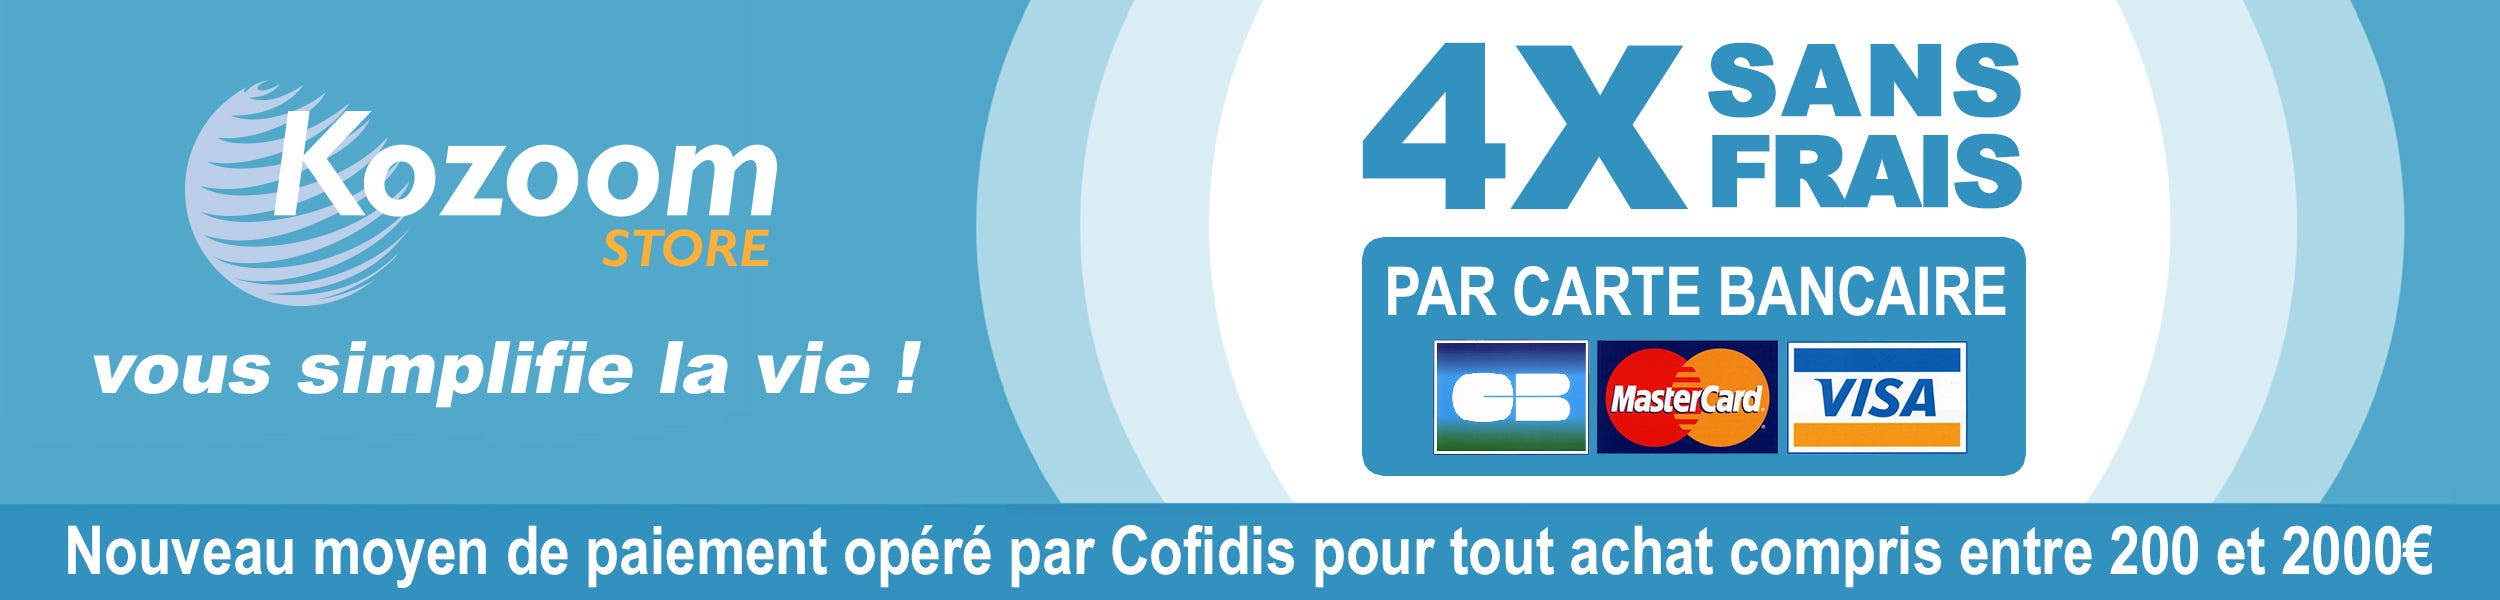 Paiement 4x Sans Frais. tarifs comblement des rides injection de ... 5ae0d889d559